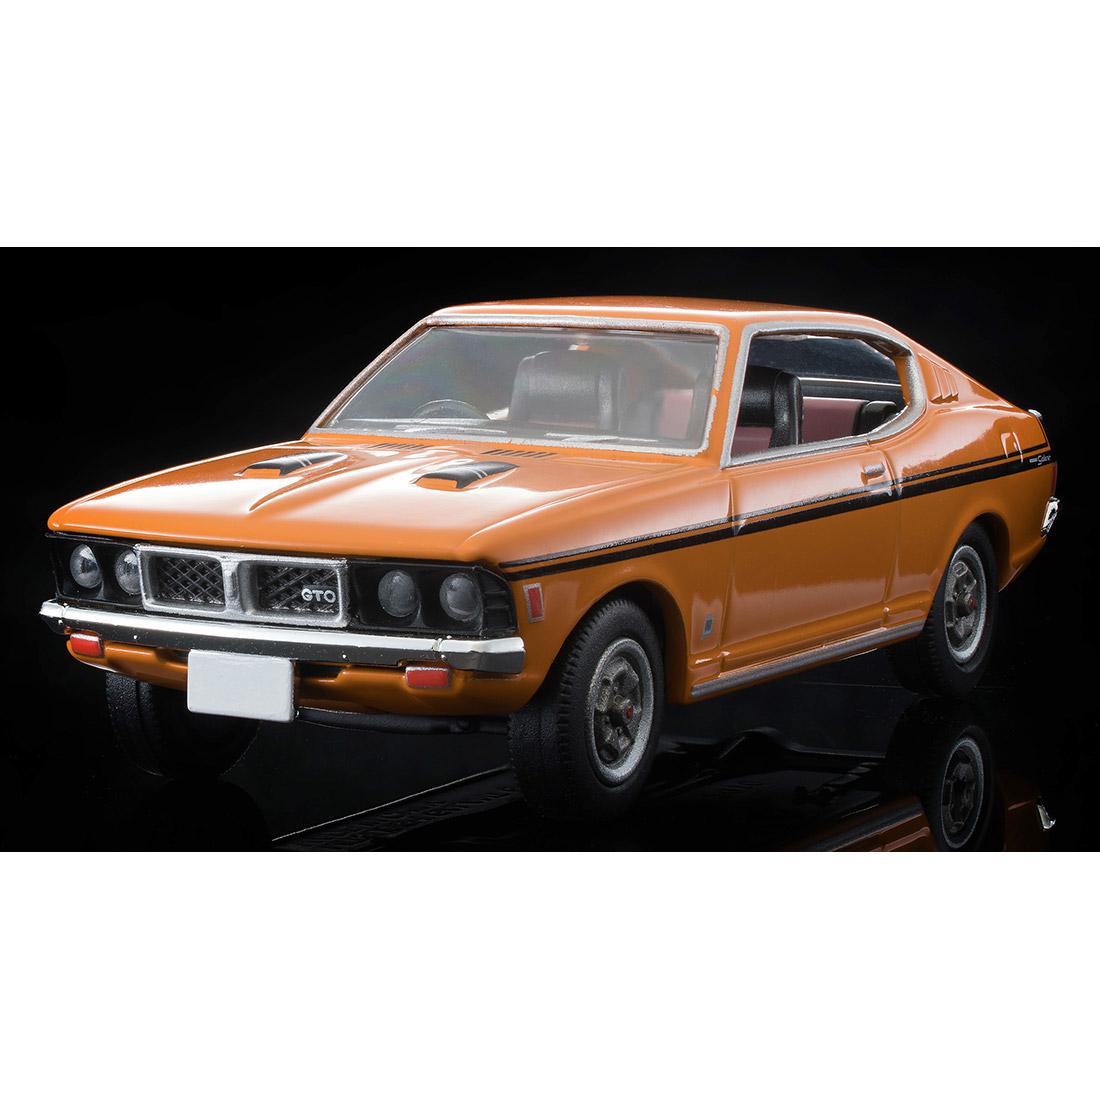 トミカリミテッドヴィンテージ ネオ LV-N204a『コルトギャランGTO MR(橙)』1/64 ミニカー-008